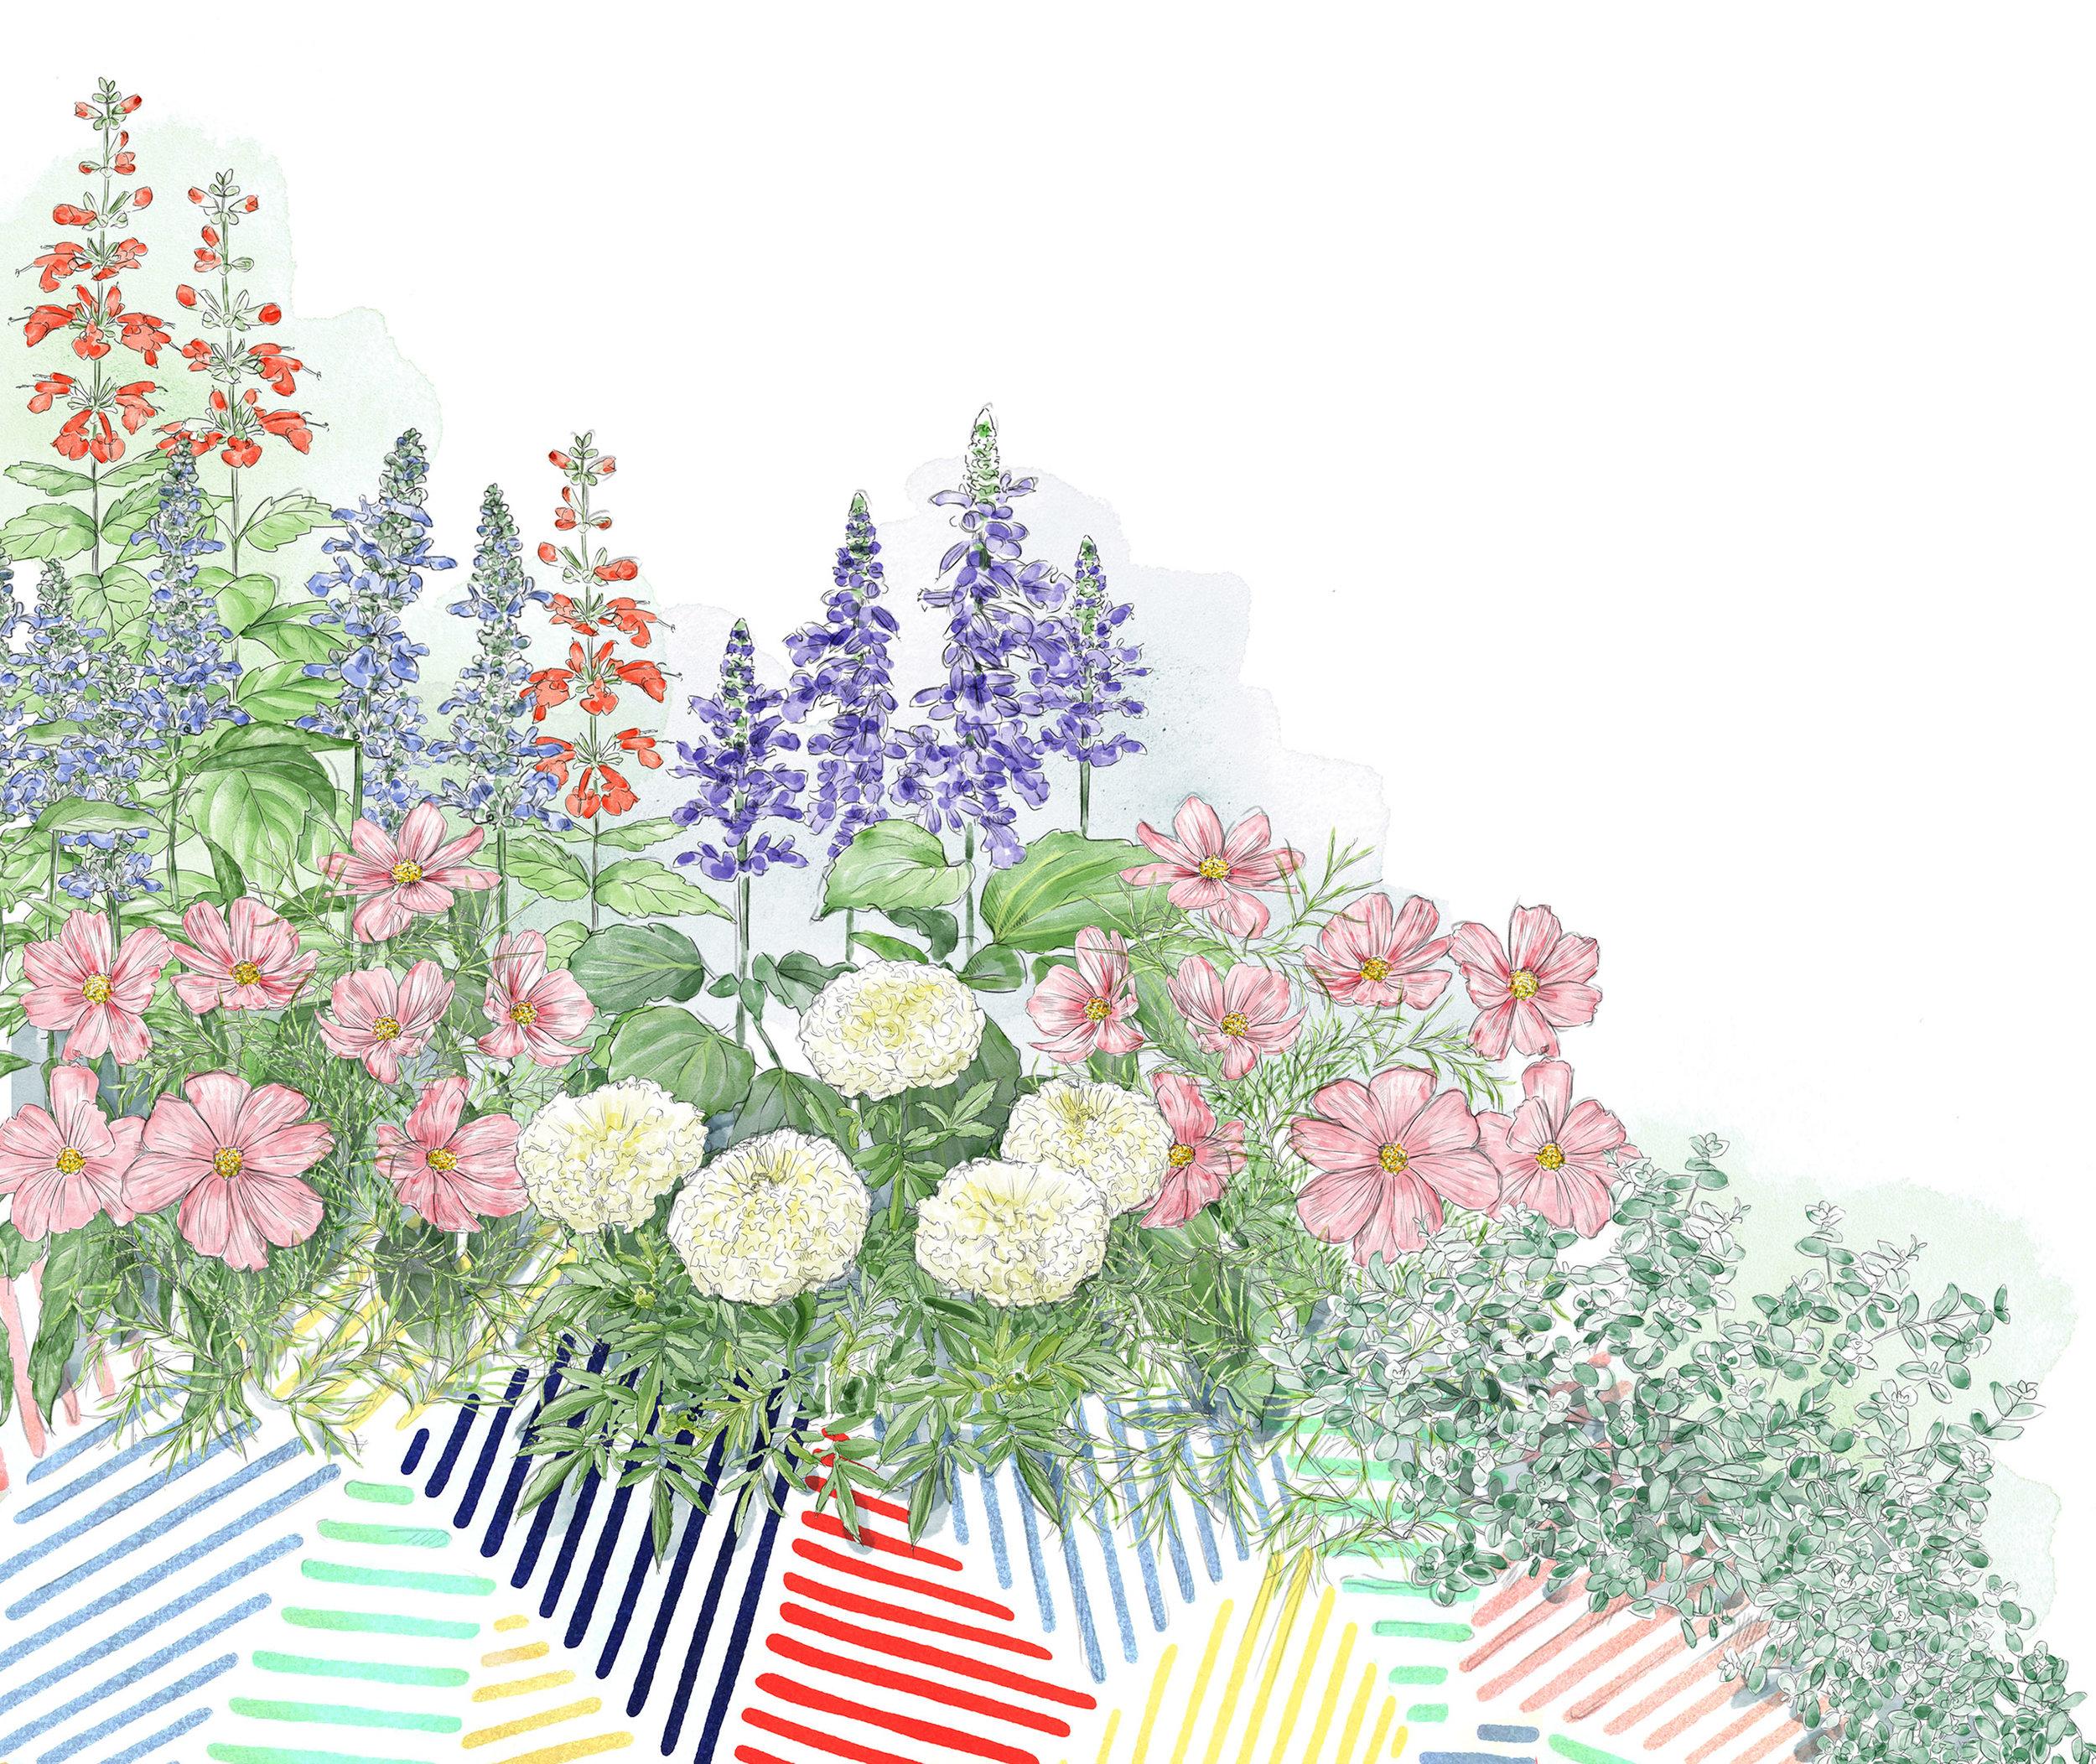 3.Blommor.jpg